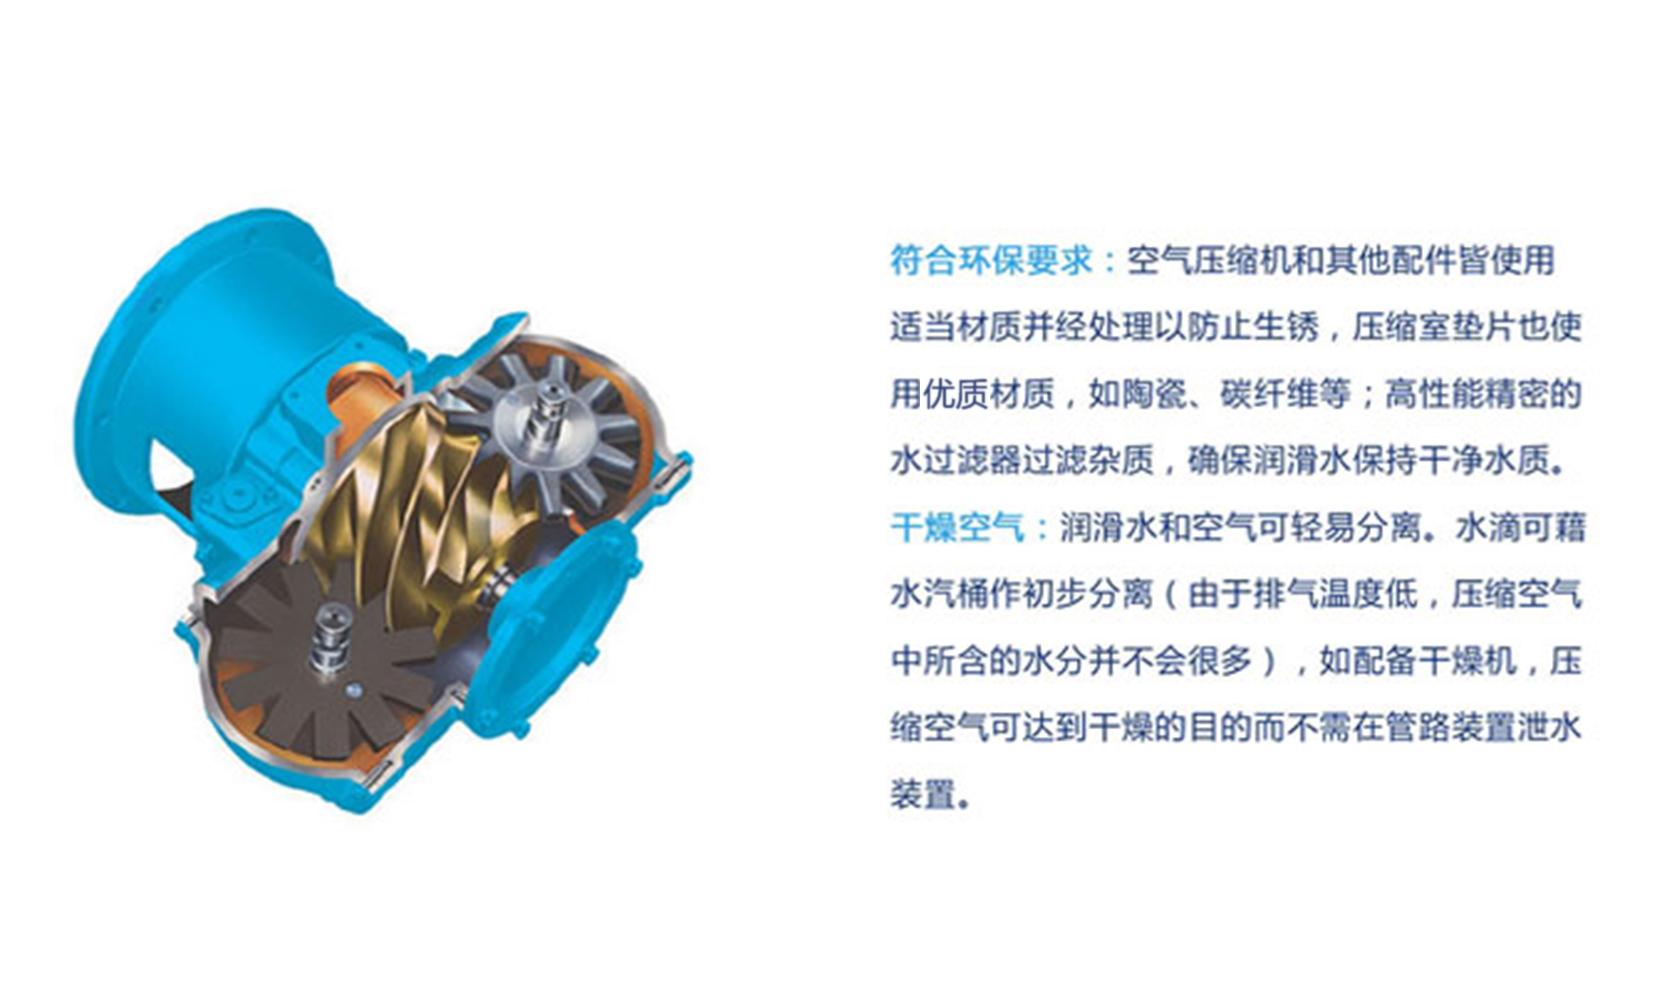 無油水潤滑式空氣壓縮機